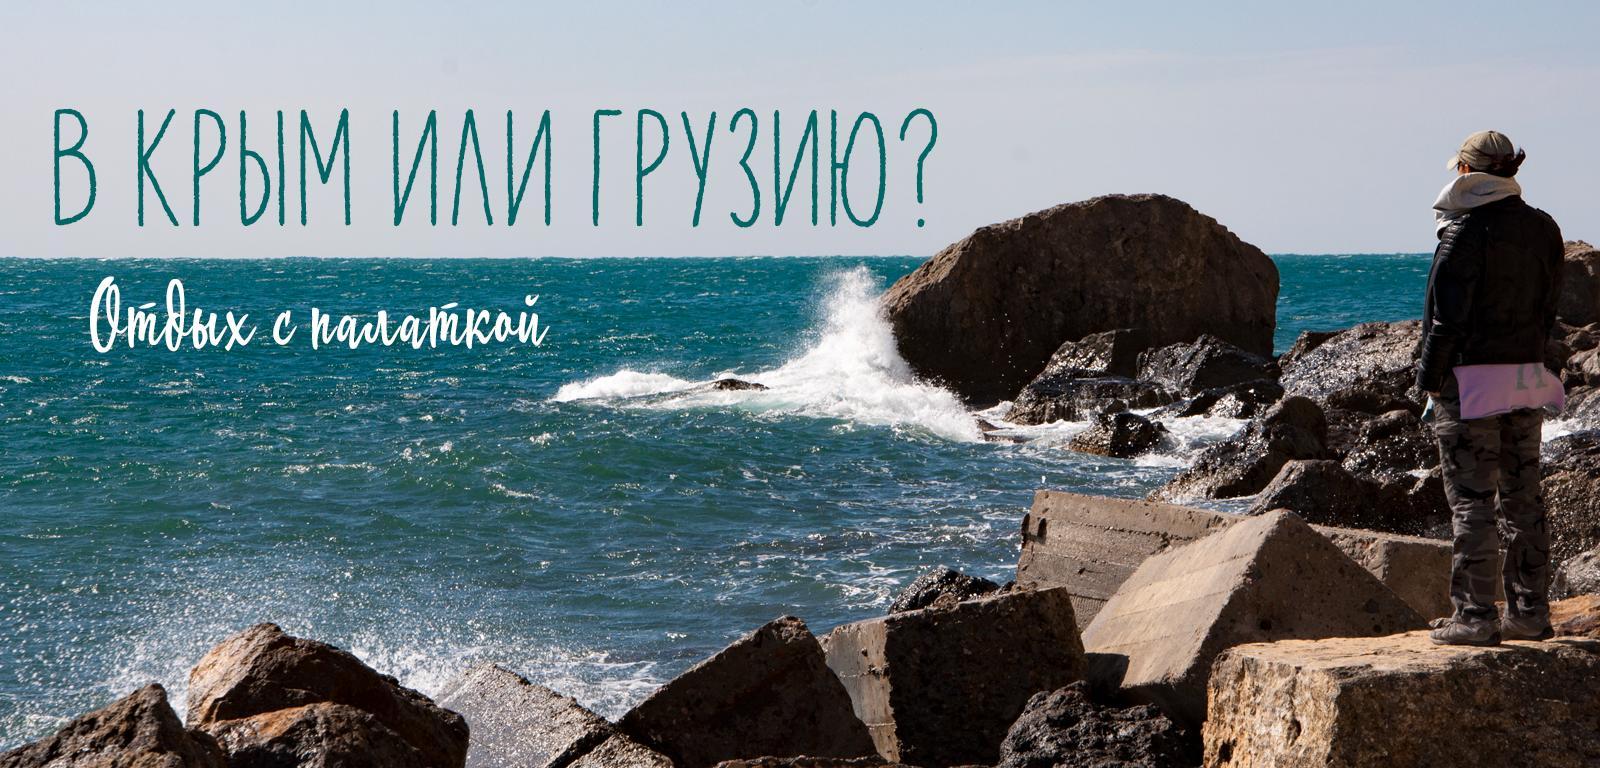 Крым или Грузия? Отдых с палаткой